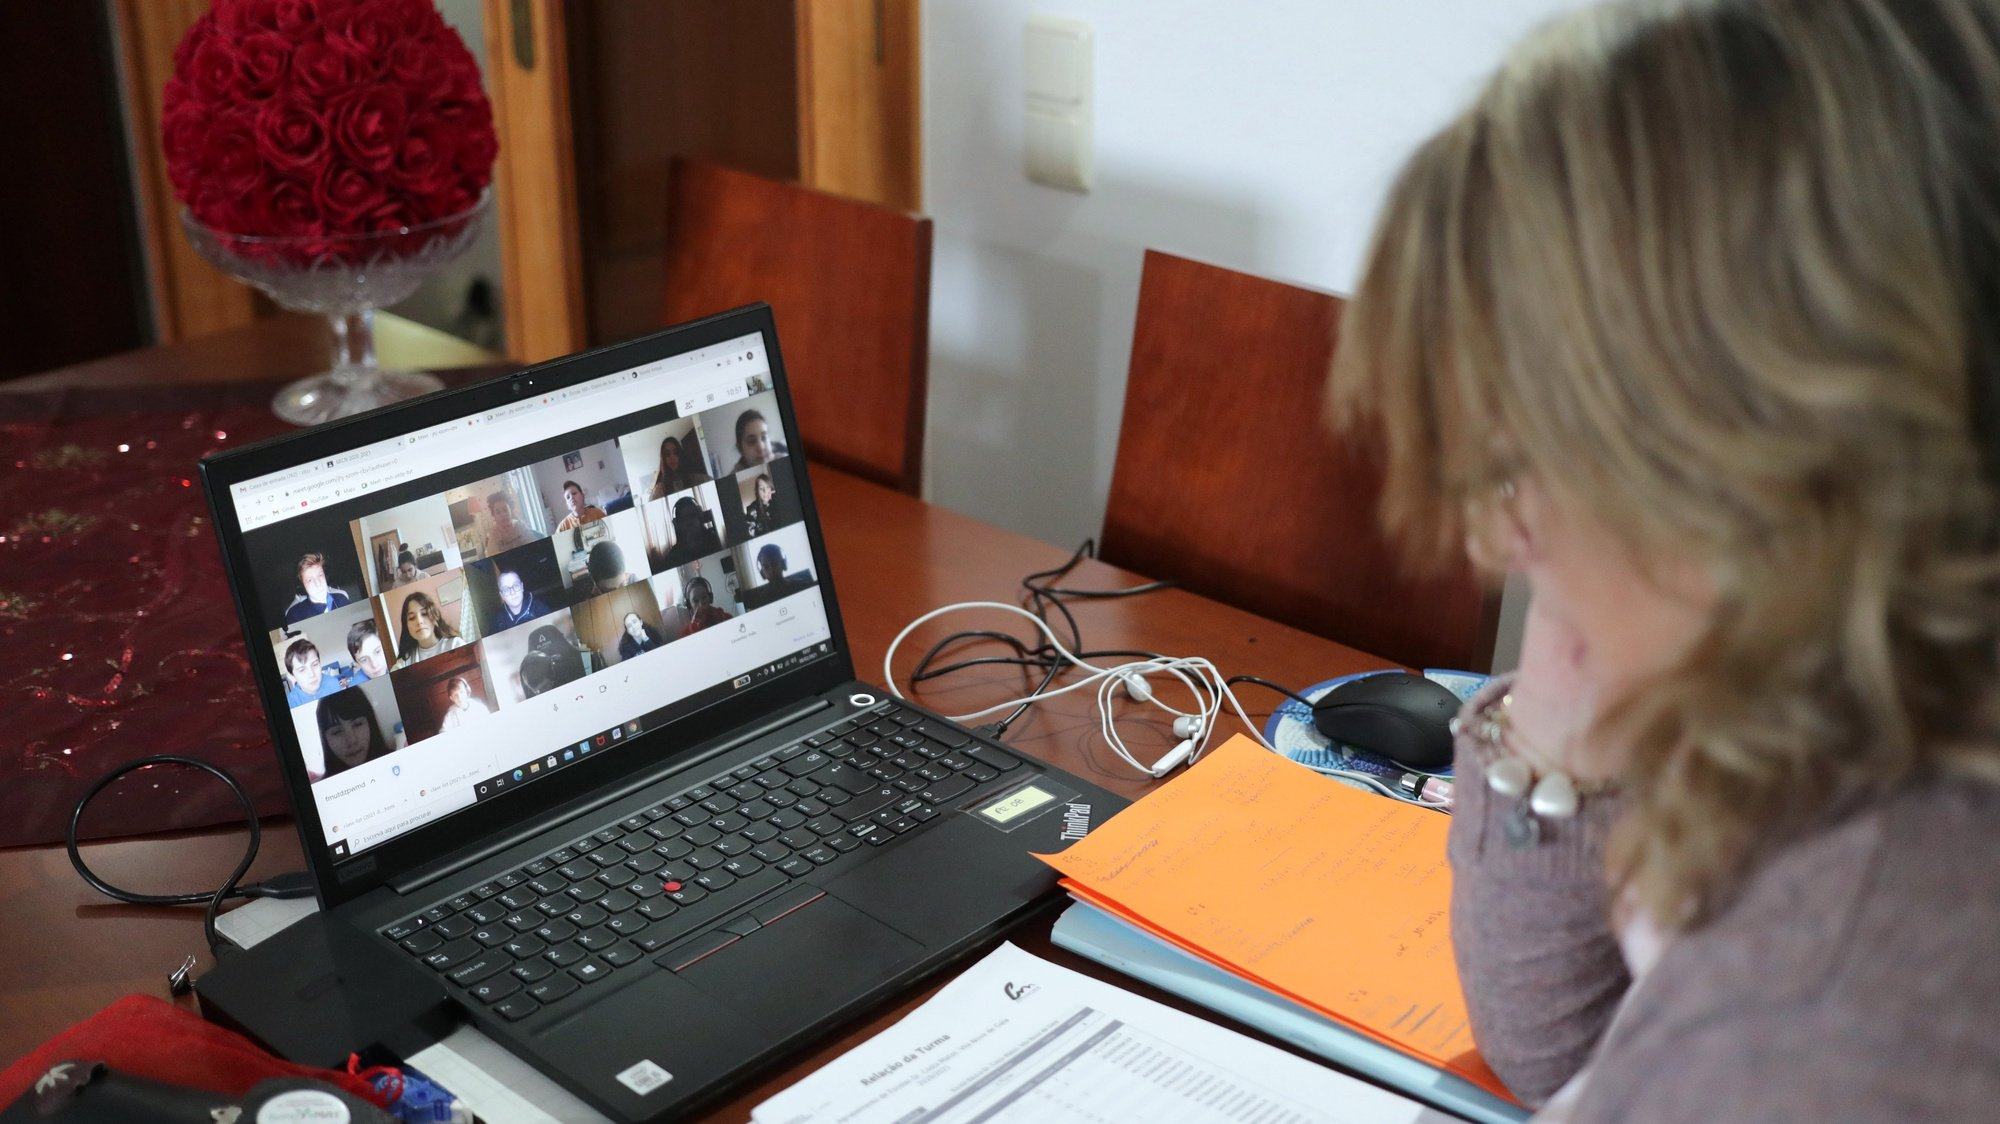 A professora Rita Pinheiro, de 49 anos, dá uma aula de ciências da natureza aos seus alunos do 6.º ano a partir da sala de sua casa em Vila Nova de Gaia, 08 fevereiro 2021. (ACOMPANHA TEXTO DA LUSA). ESTELA SILVA/LUSA